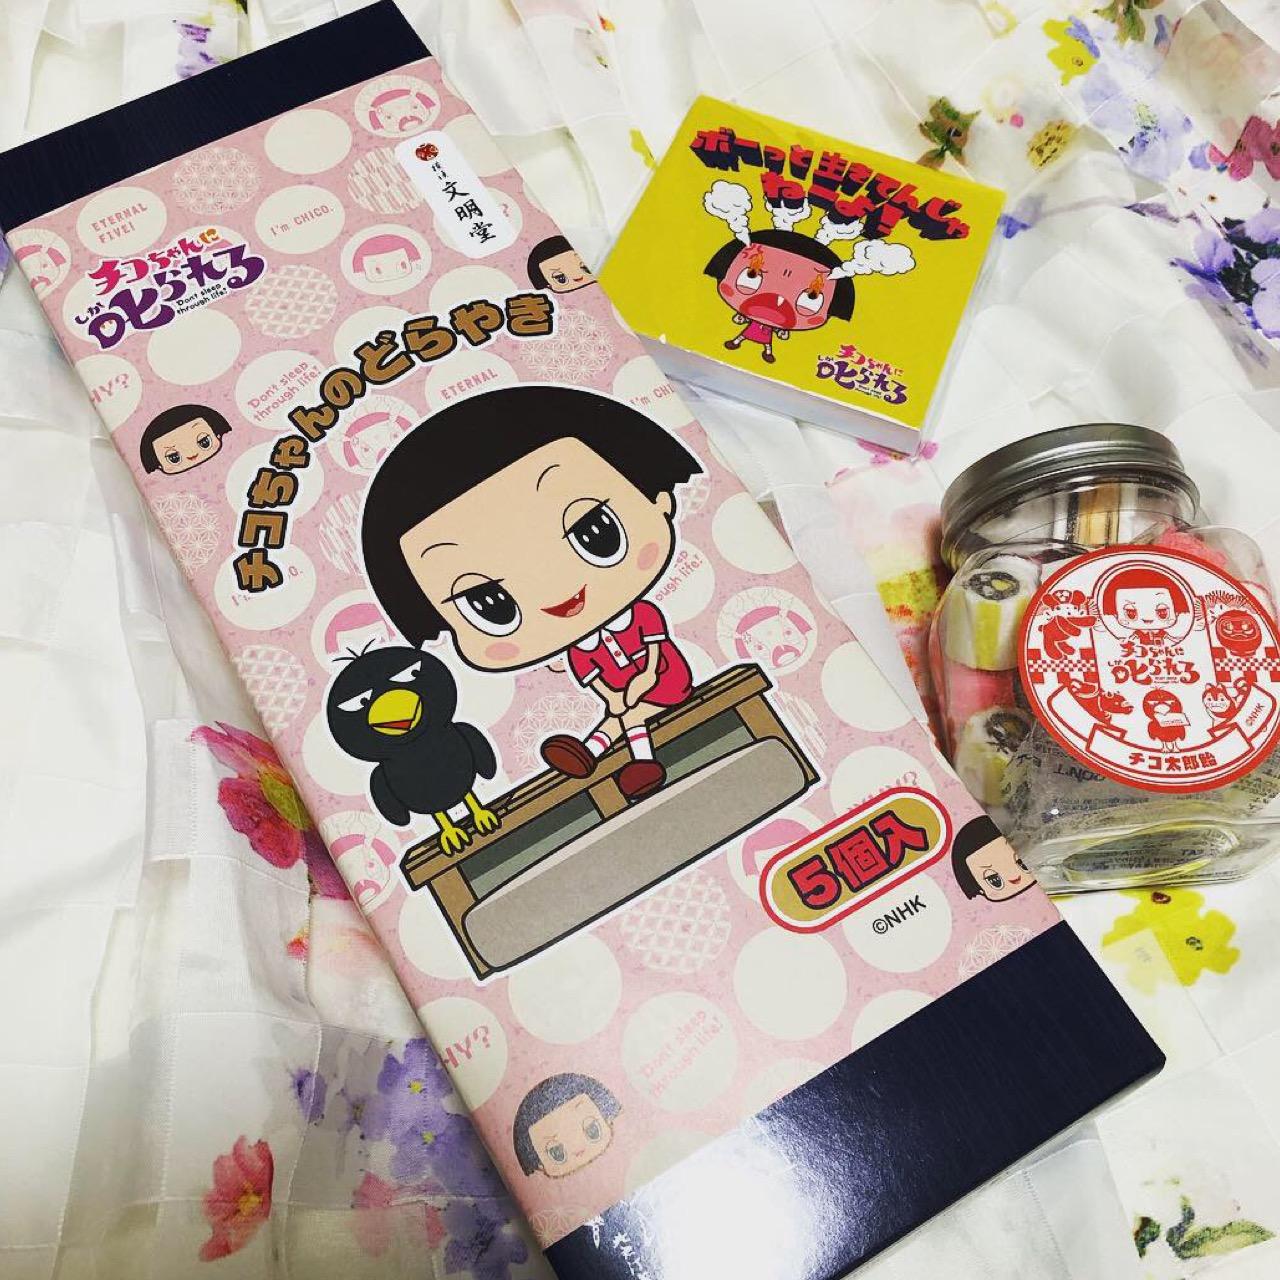 #ボーっと生きてんじゃねーよ!<期間限定>チコちゃん&キョエちゃんグッズの販売イベントが東京駅で開催中!♡_2